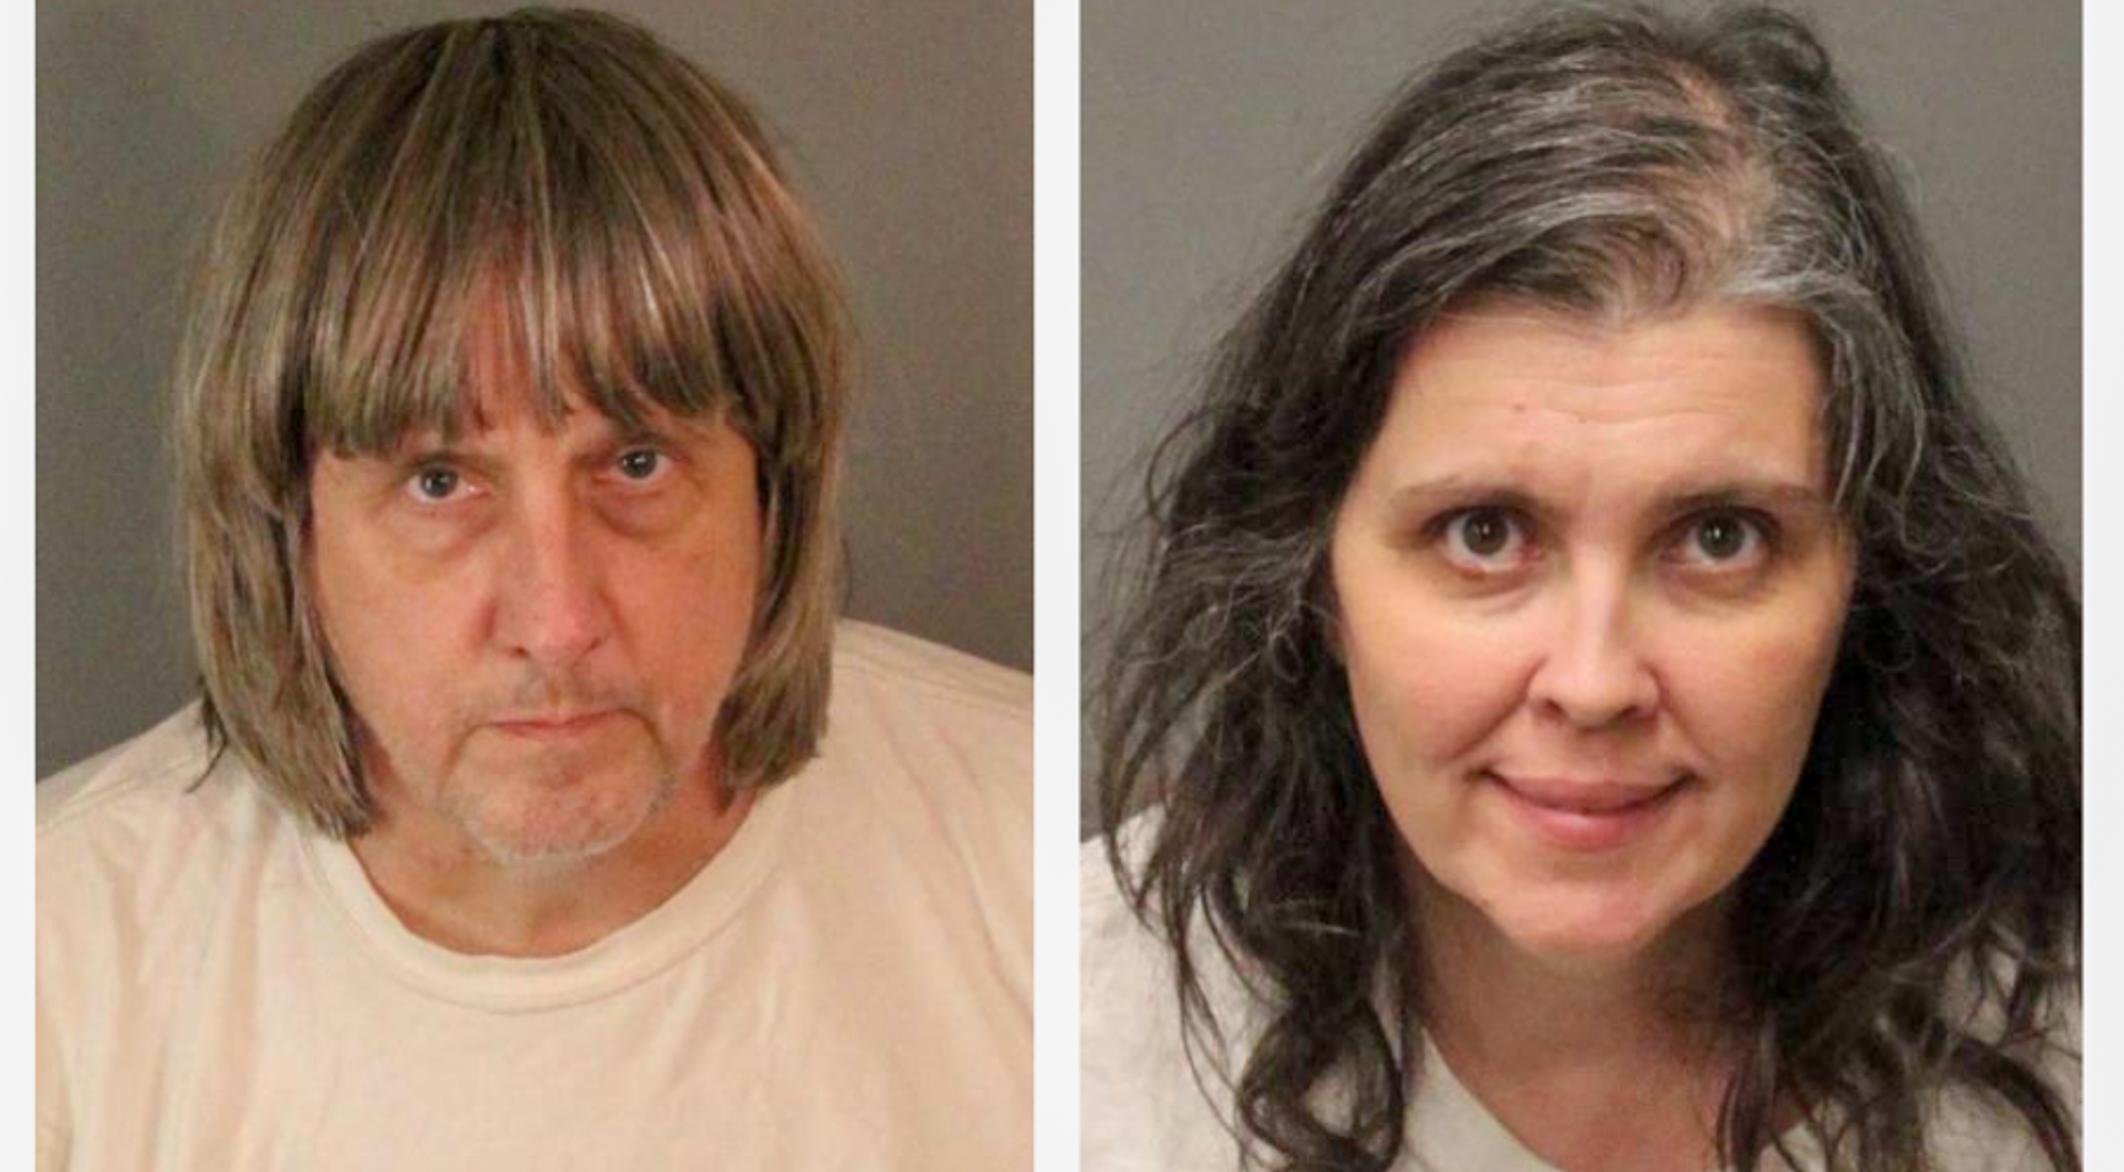 קריאה 911 מצמררת פותחת את תיק התובעים נגד דייוויד ולואיז טורפין בדיון 'בית האימים'